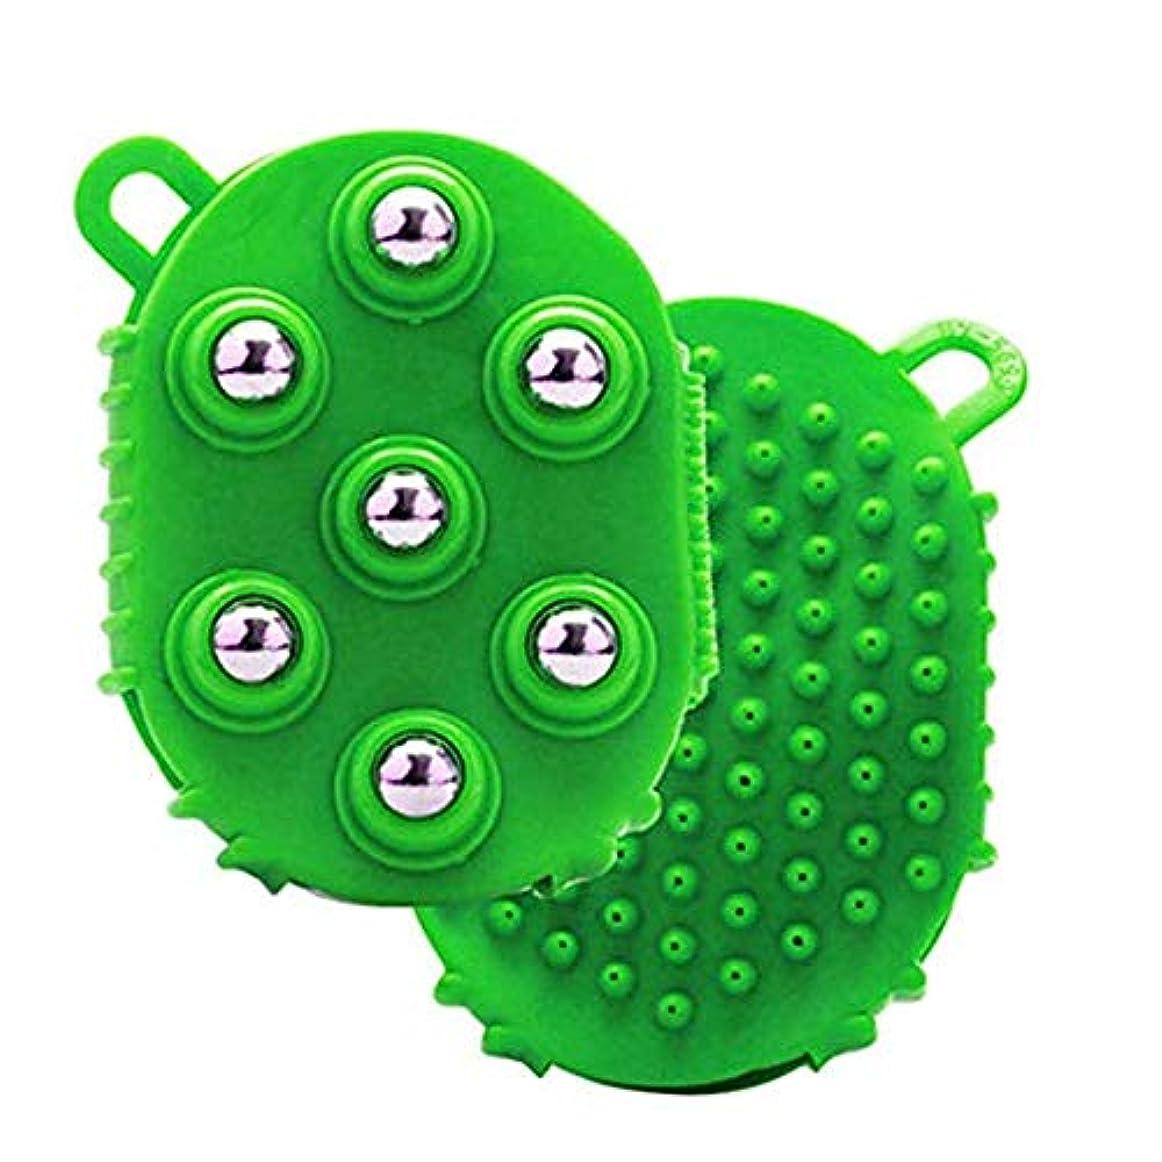 恐ろしいです奇跡的な薬7つの回転金属ボール付きマッサージグローブ、ボディマッサージグローブフルボディマッサージャー,グリーン